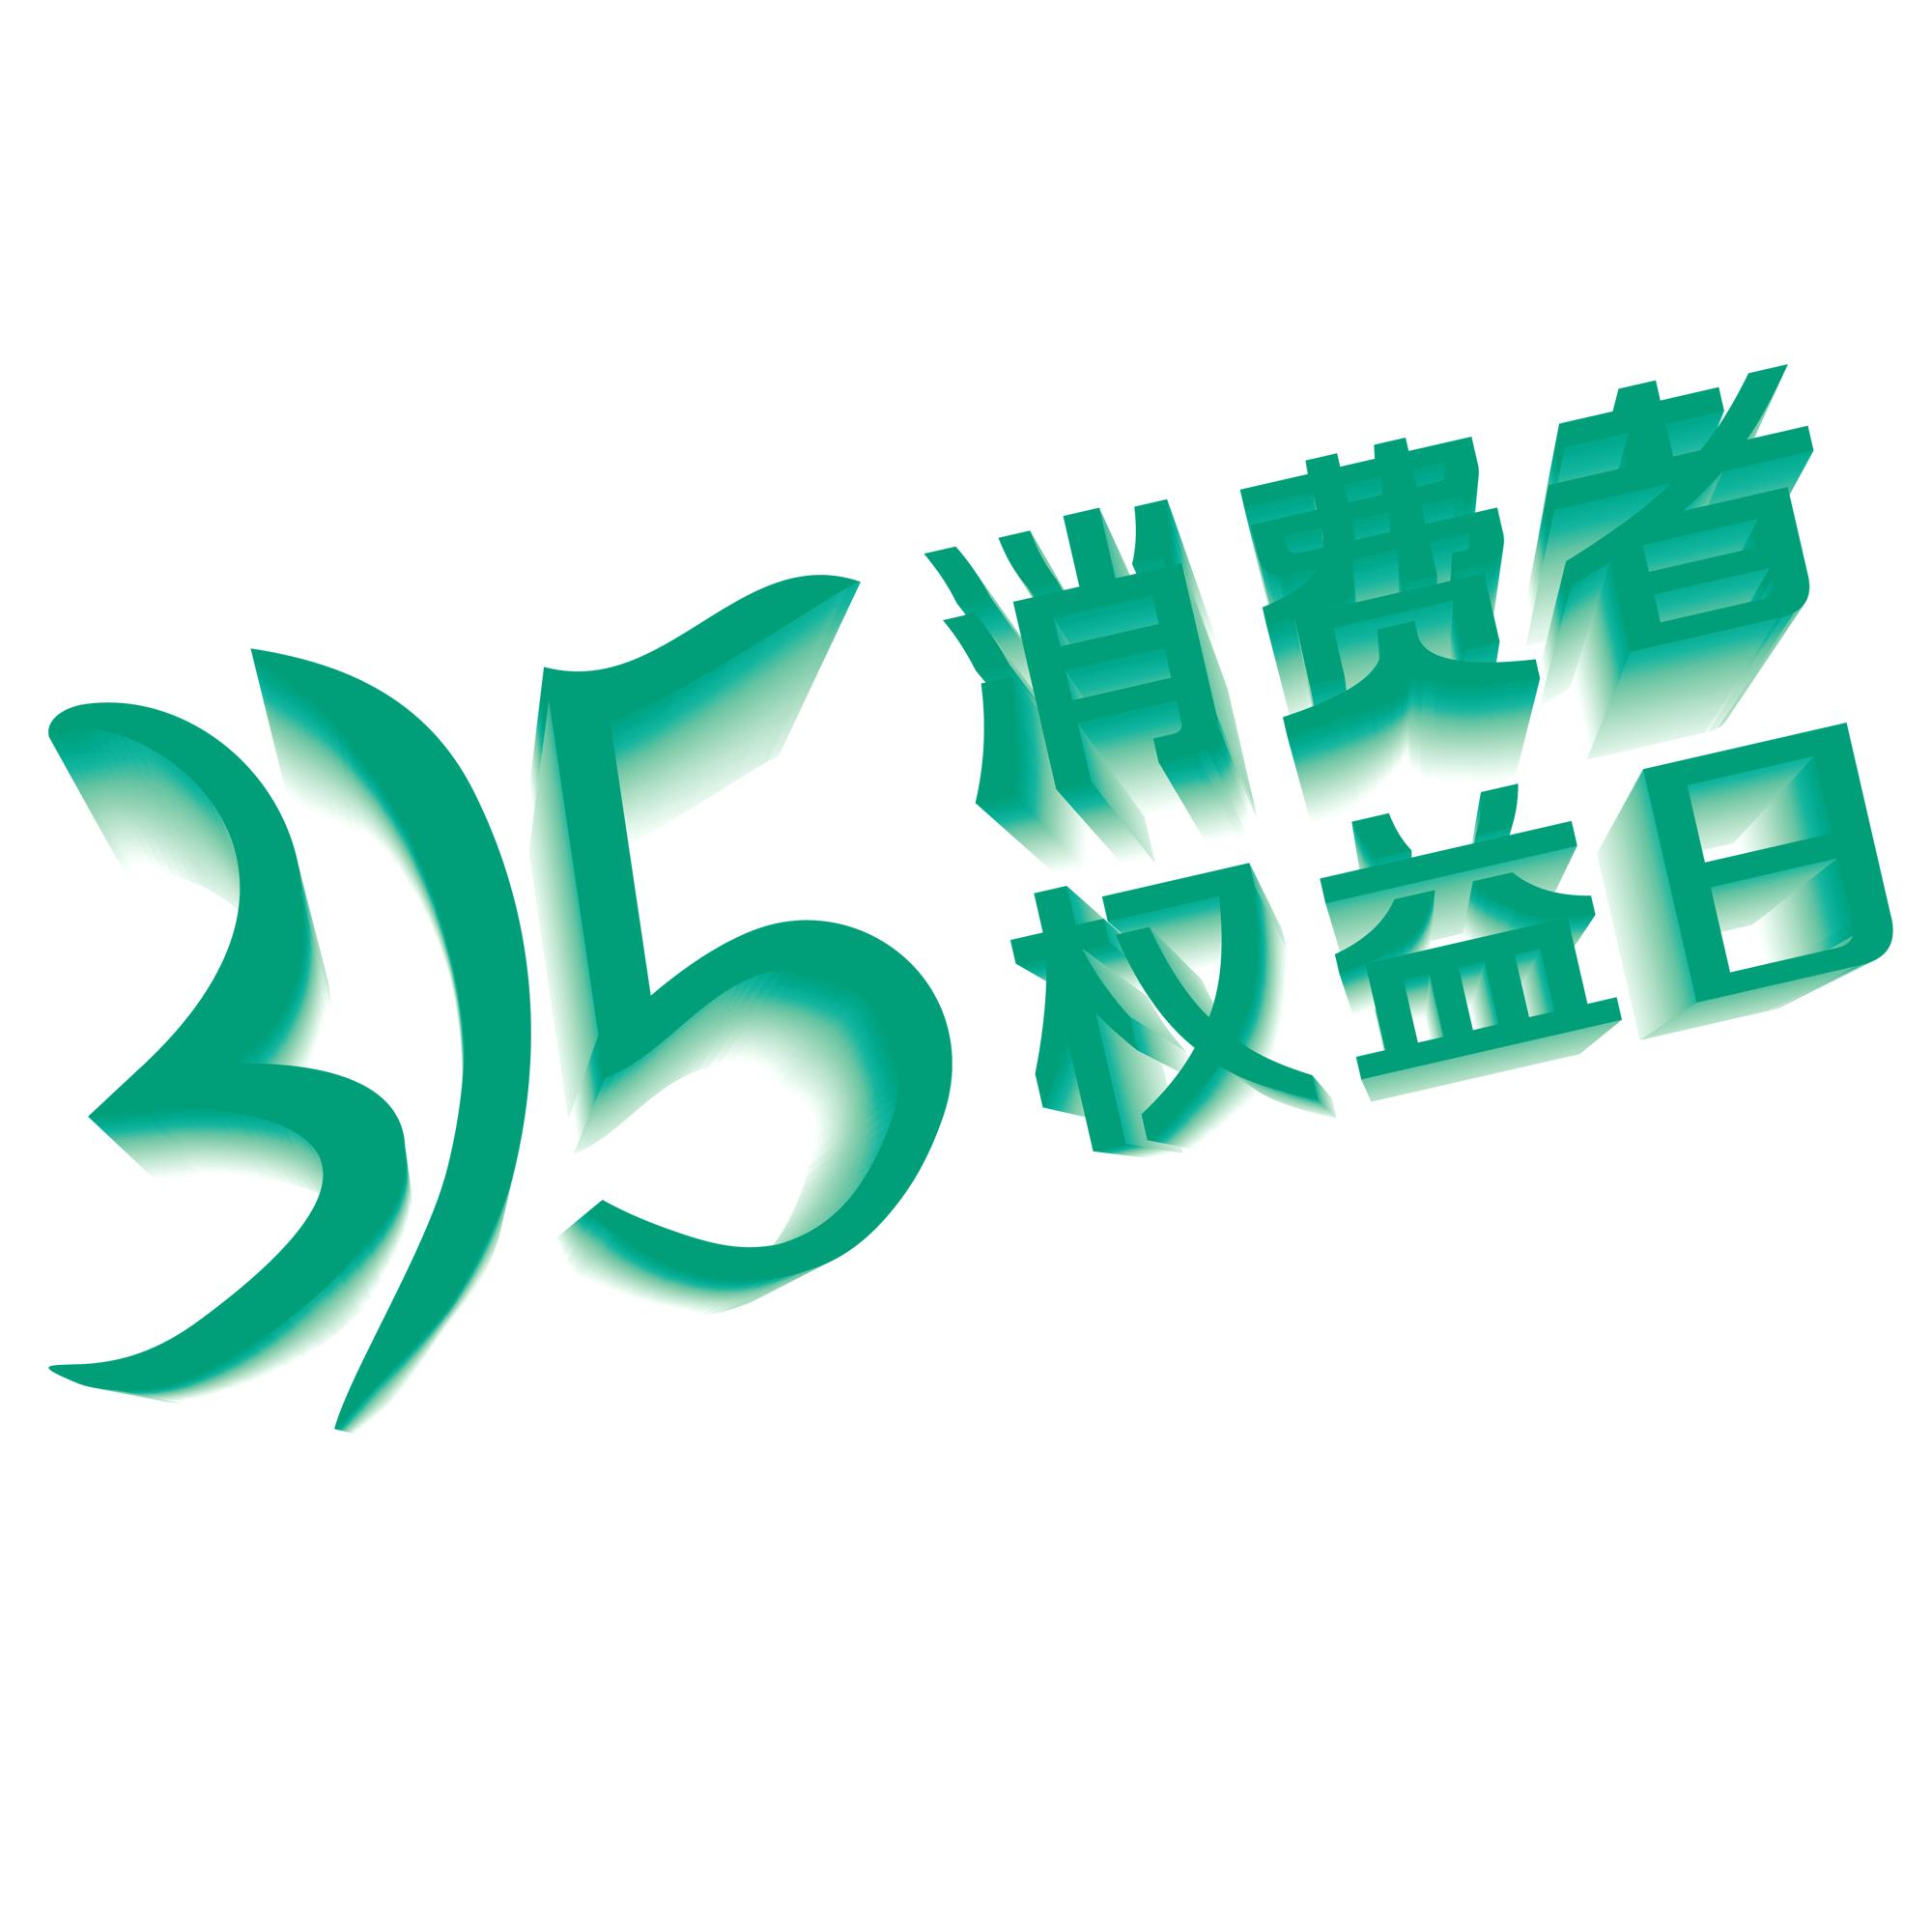 315 消费者权益日 创意字体